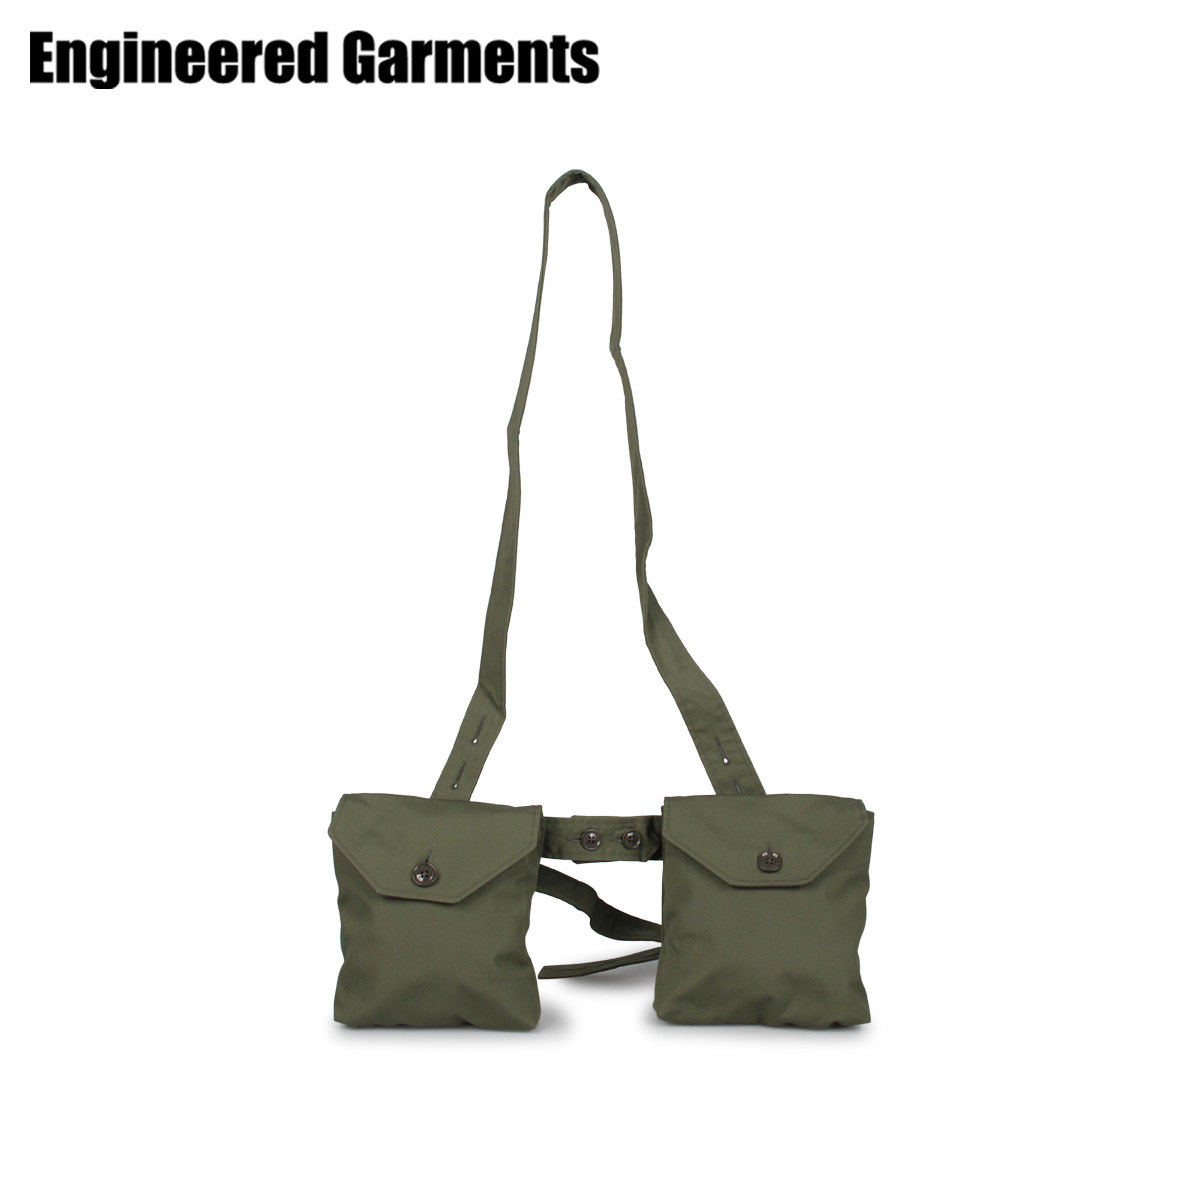 ENGINEERED GARMENTS エンジニアドガーメンツ バッグ ウエストバッグ ボディバッグ メンズ WAIST BAG オリーブ 20S1H028 [4/22 新入荷]